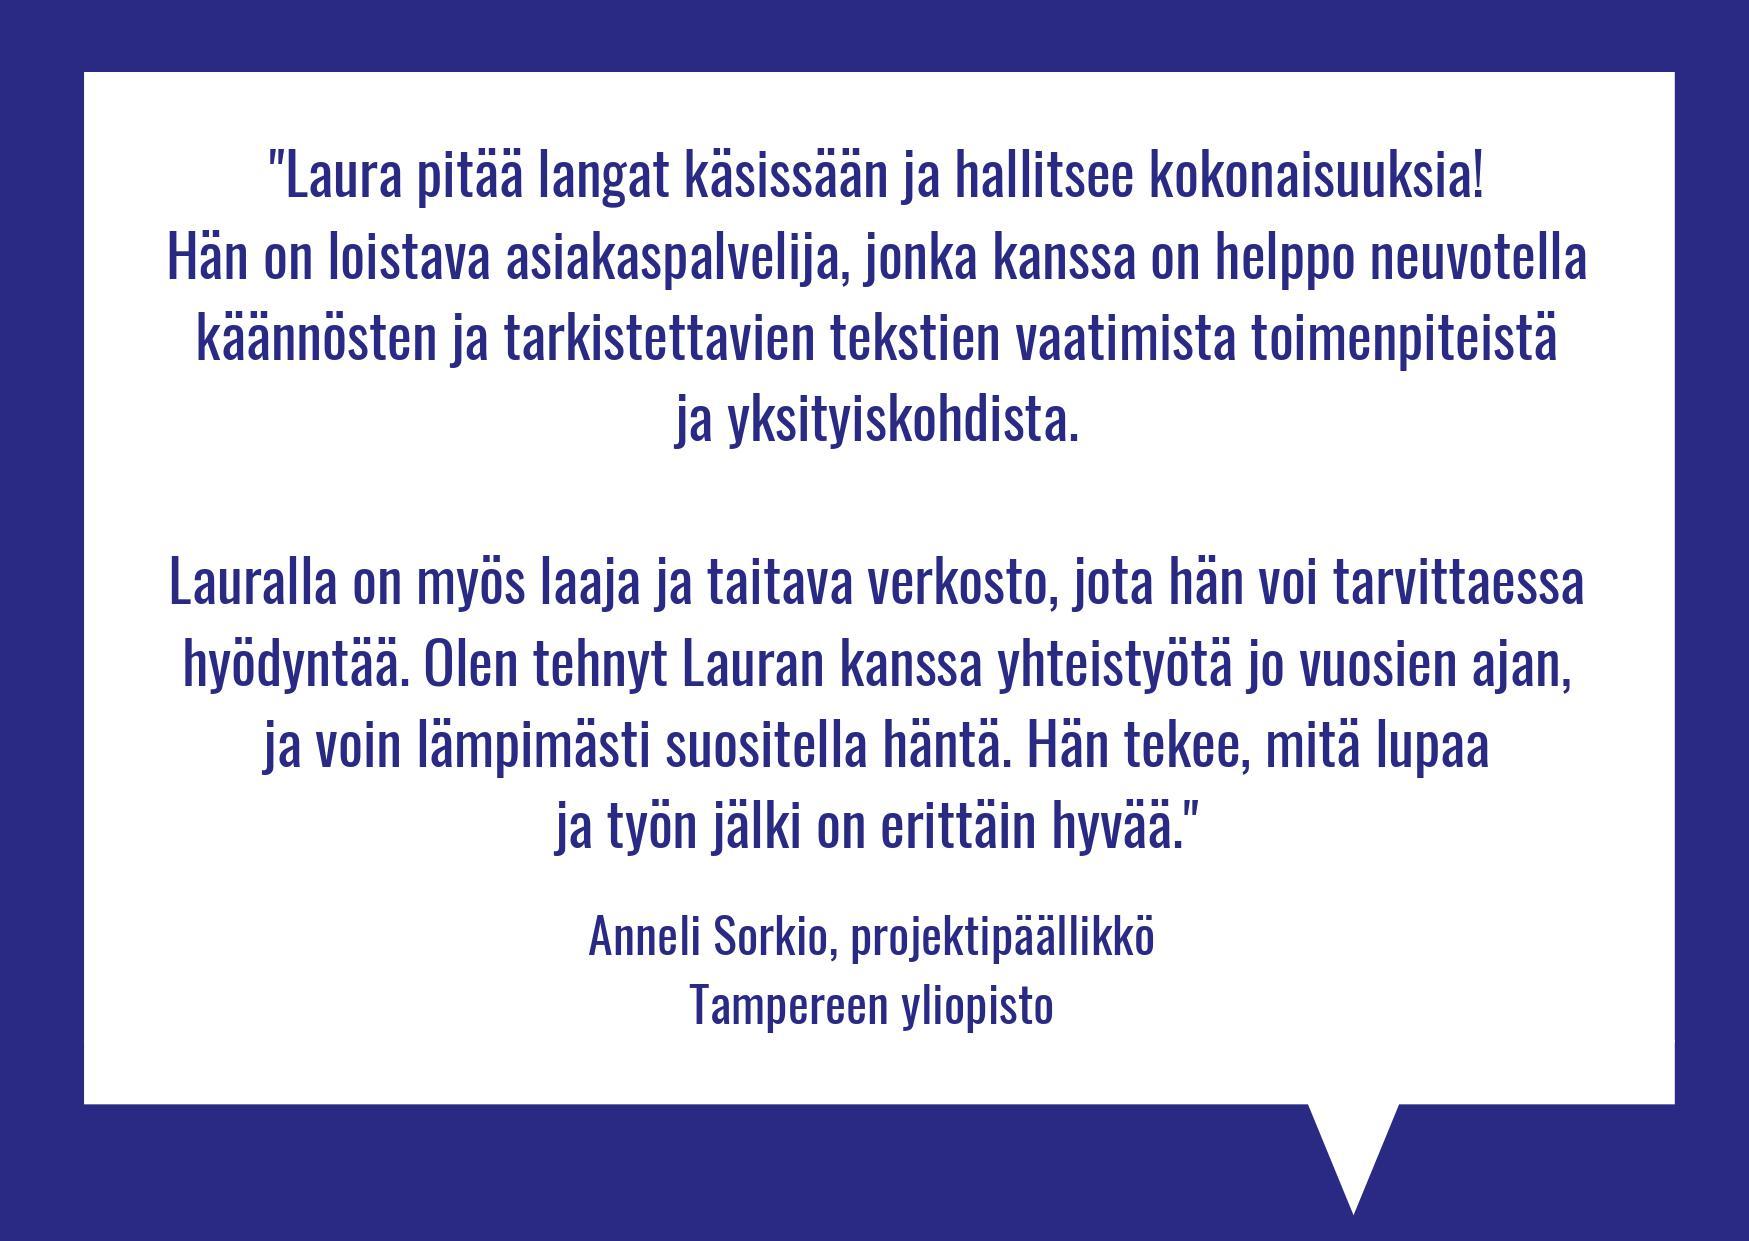 Tampereen_yliopisto.jpg